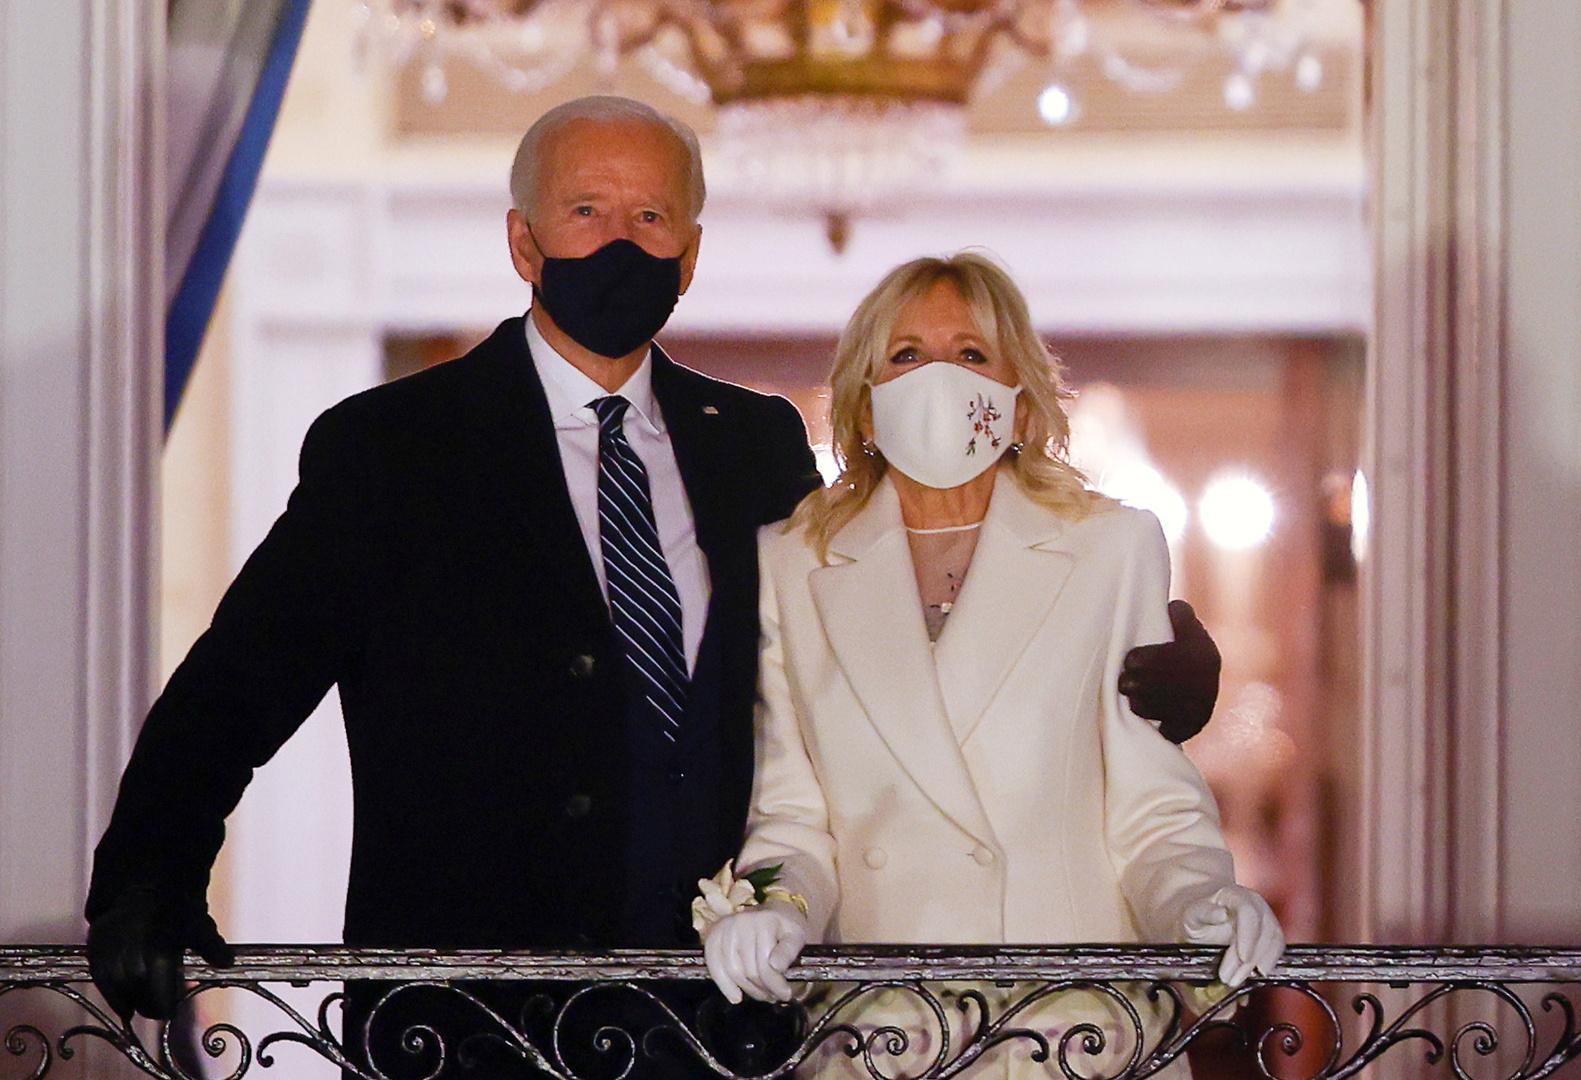 الرئيس الأمريكي الجديد، جو بايدن، وزوجته، جيل